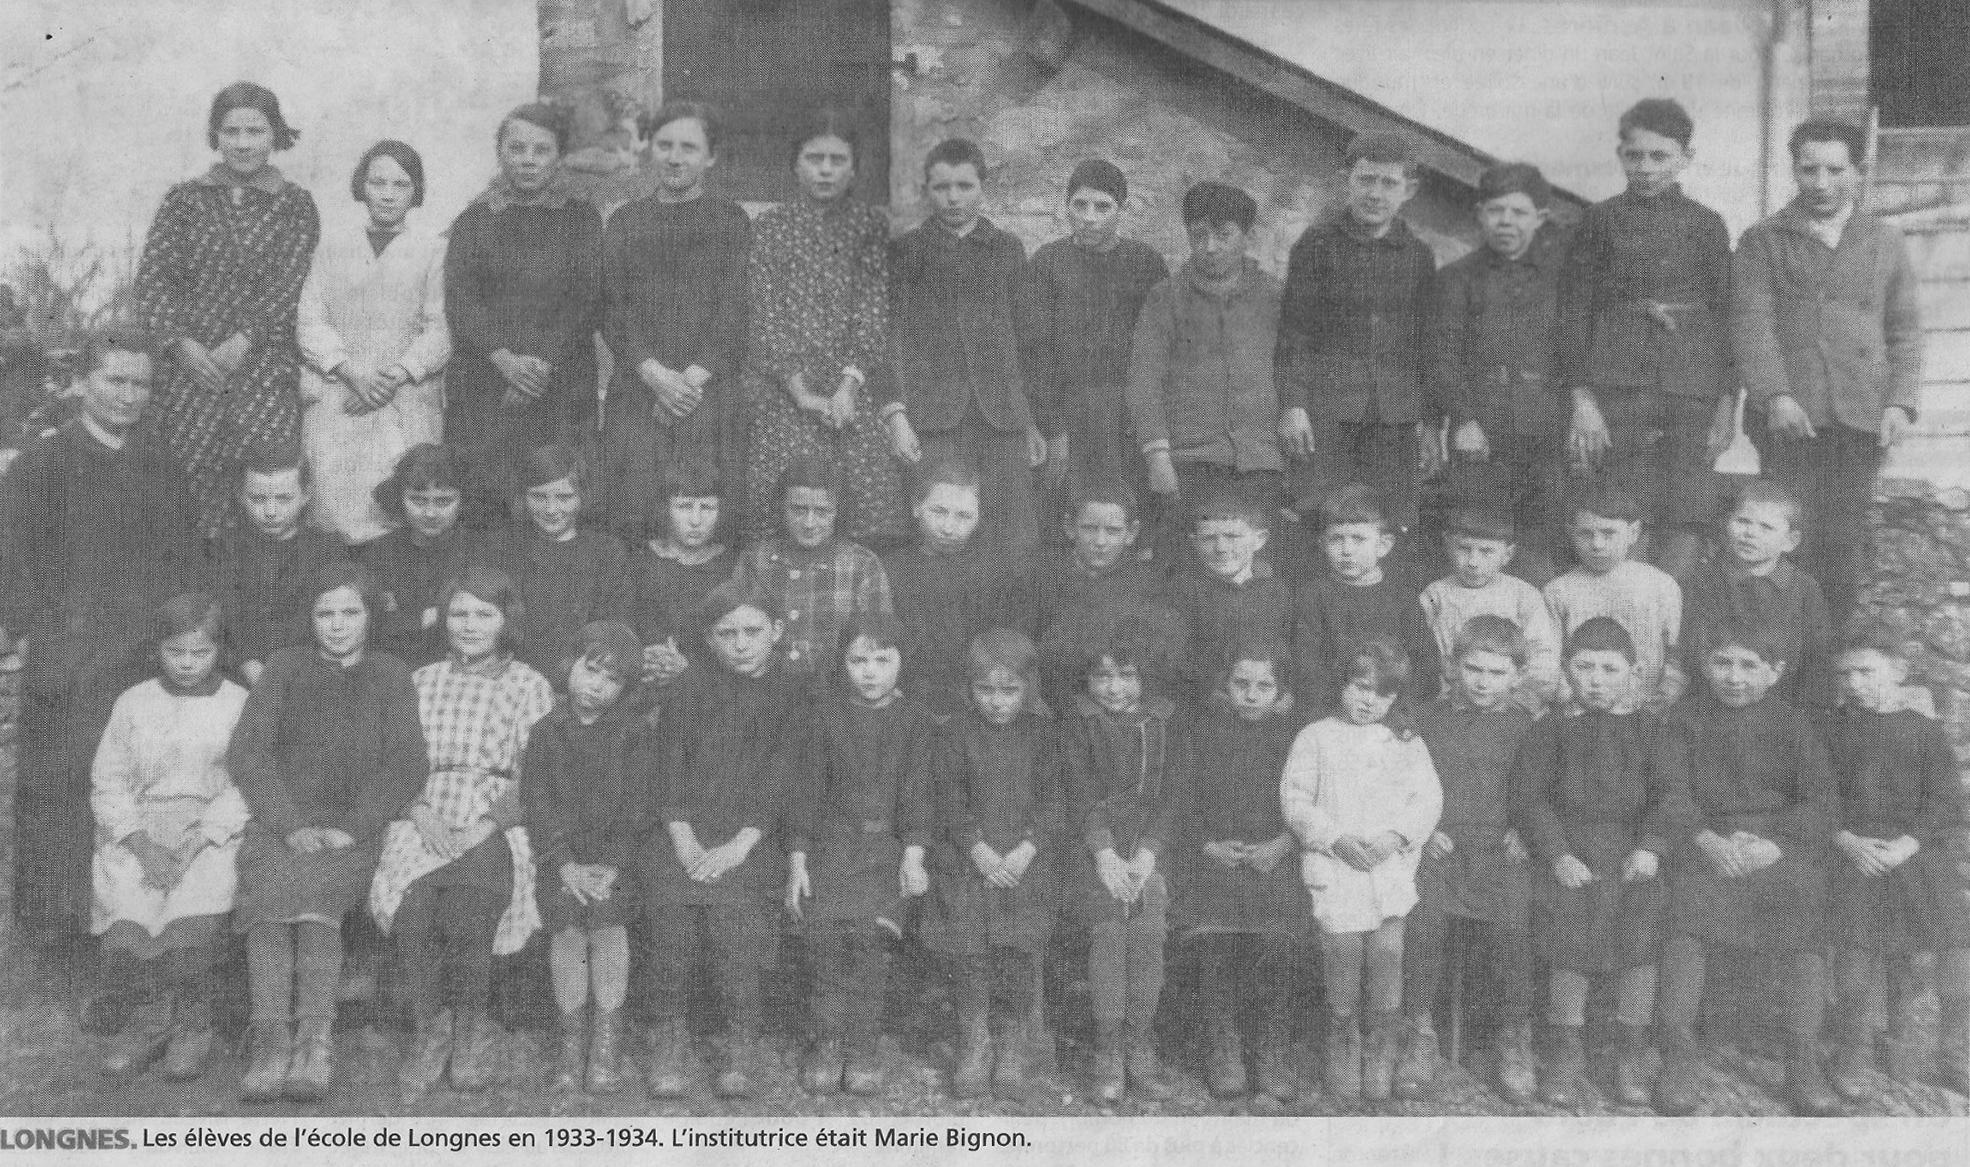 Longnes - Groupes - Photos de classe - Institutrice BIGNON Marie - 1933-1934